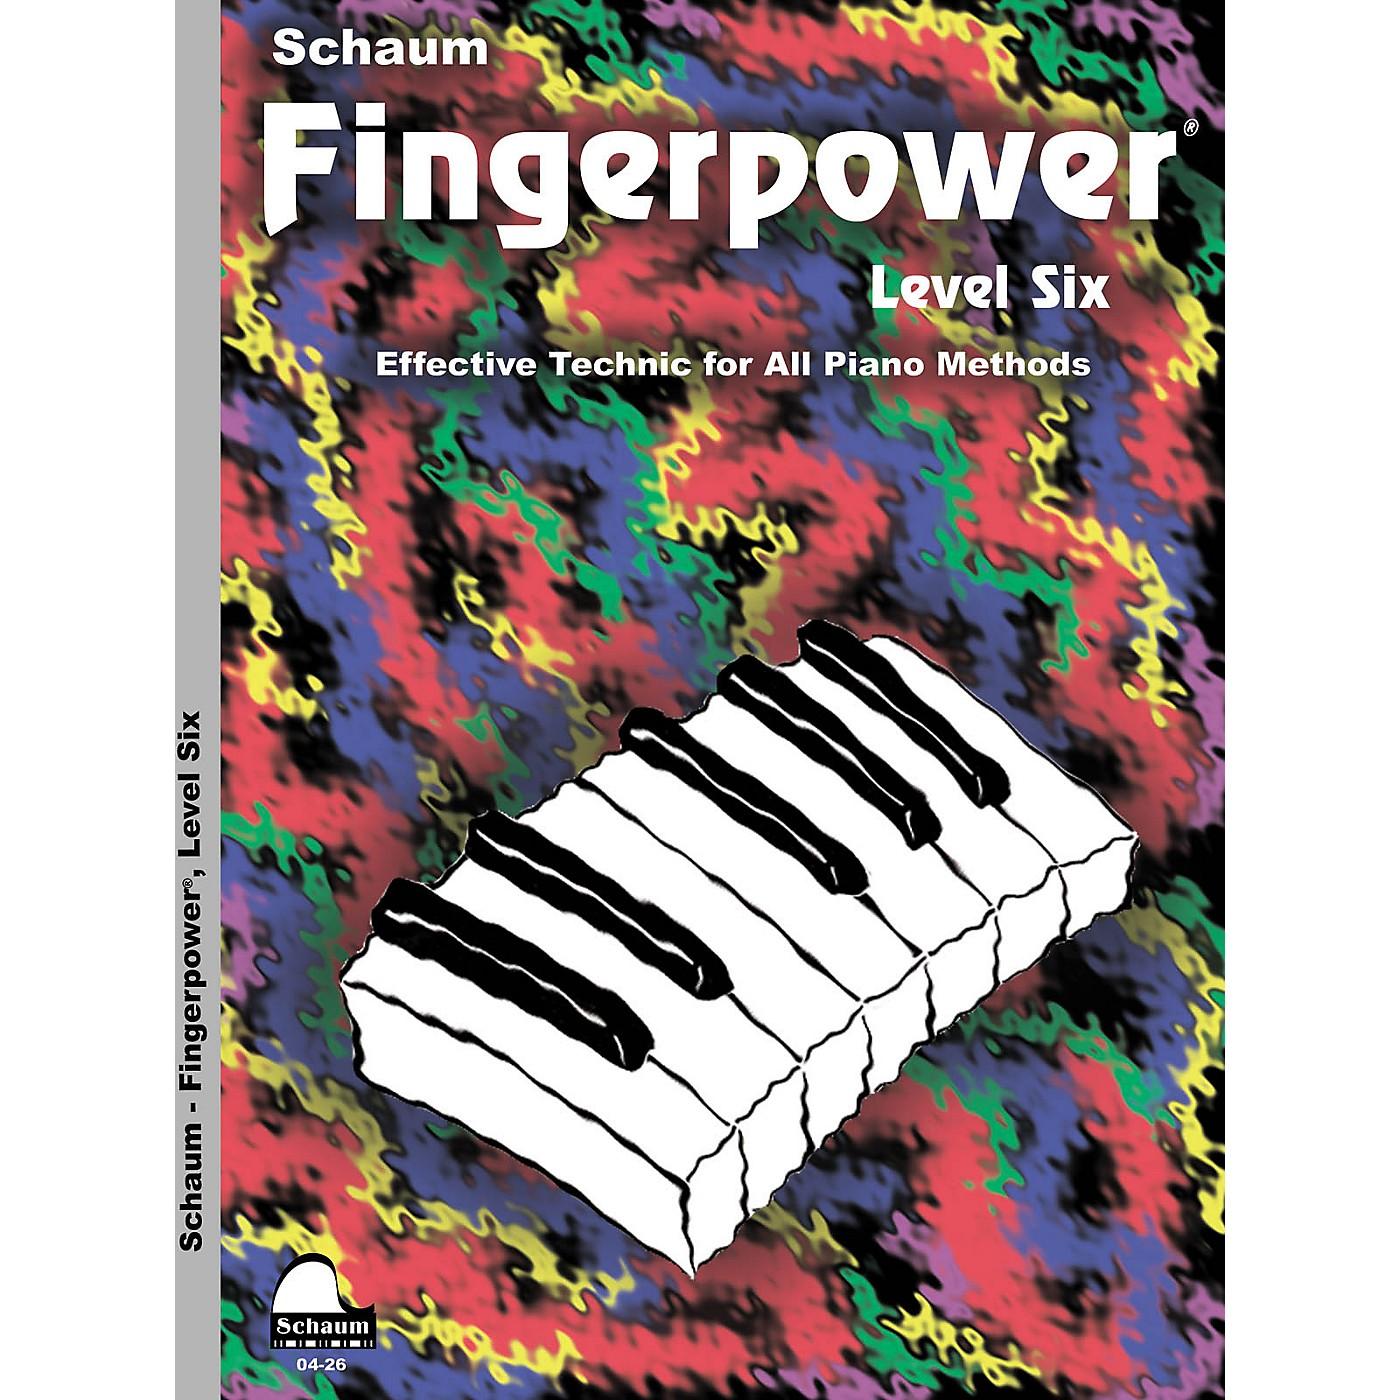 SCHAUM Fingerpower - Level 6 Educational Piano Series Softcover Written by John W. Schaum thumbnail